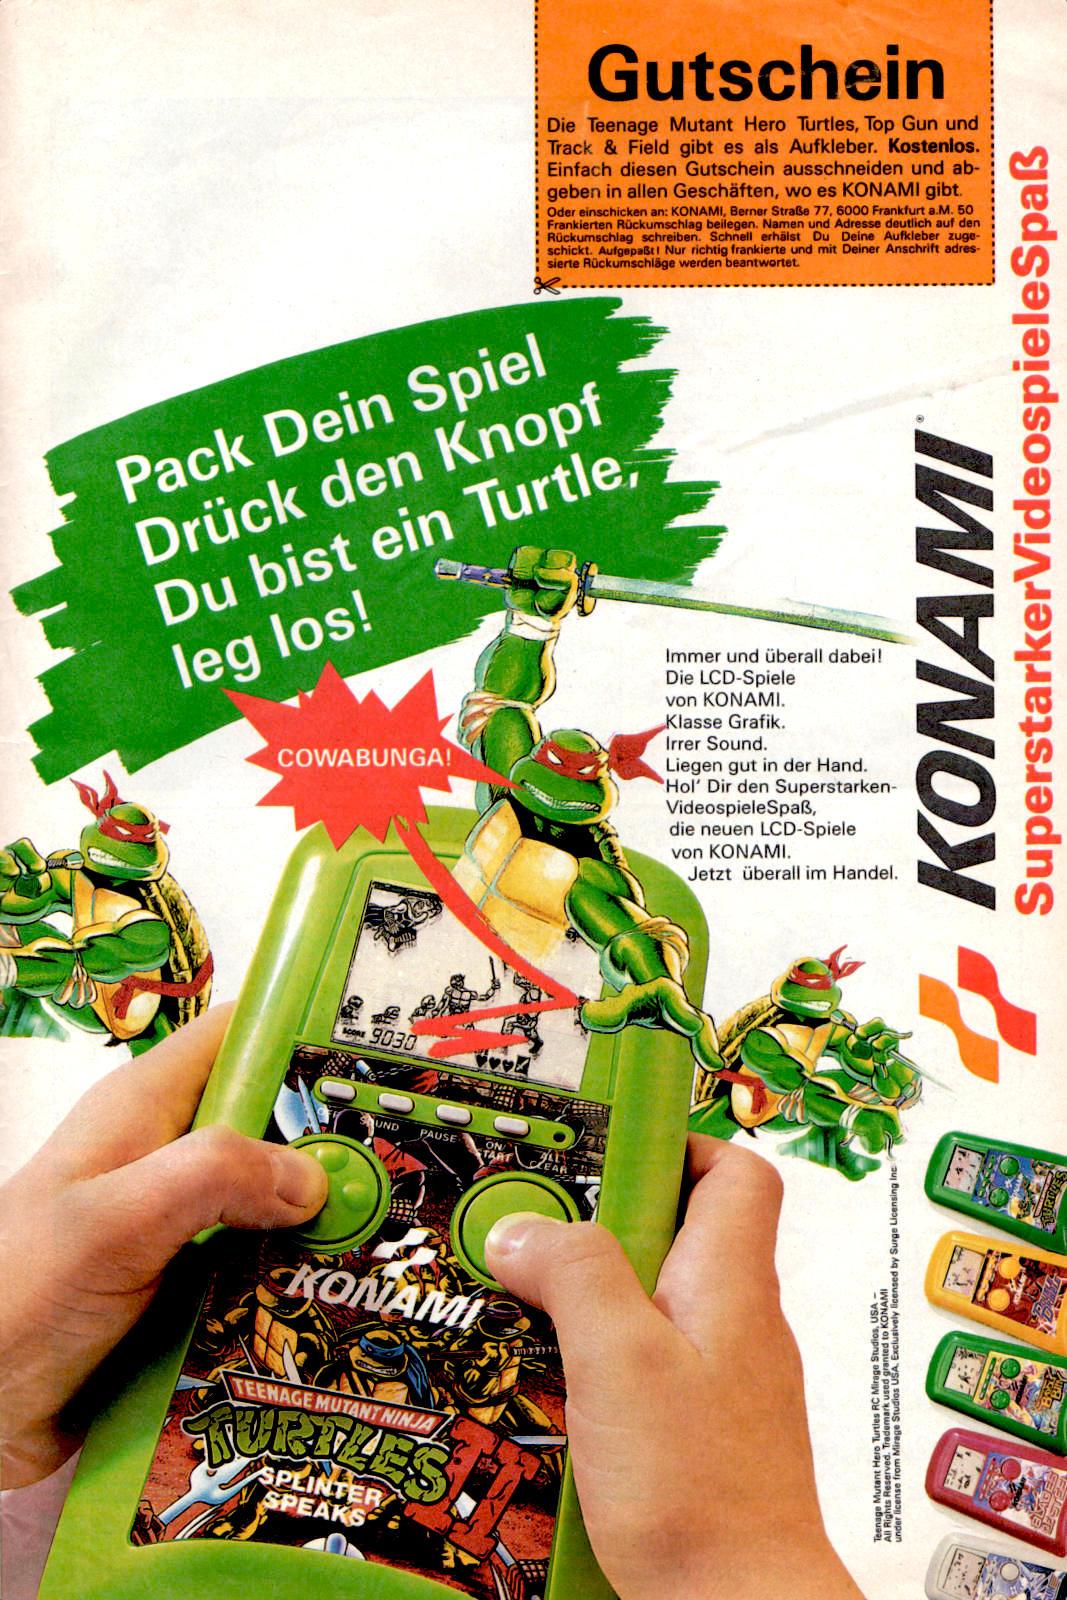 Werbeanzeige für Konami LCD-Spiel Teenage Mutant Ninja Turtles Splinter Speaks. Micky Maus Magazin, Ausgabe Nr. 23 vom 29.05.1991. (Bildrechte: Egmont Ehapa Media GmbH)